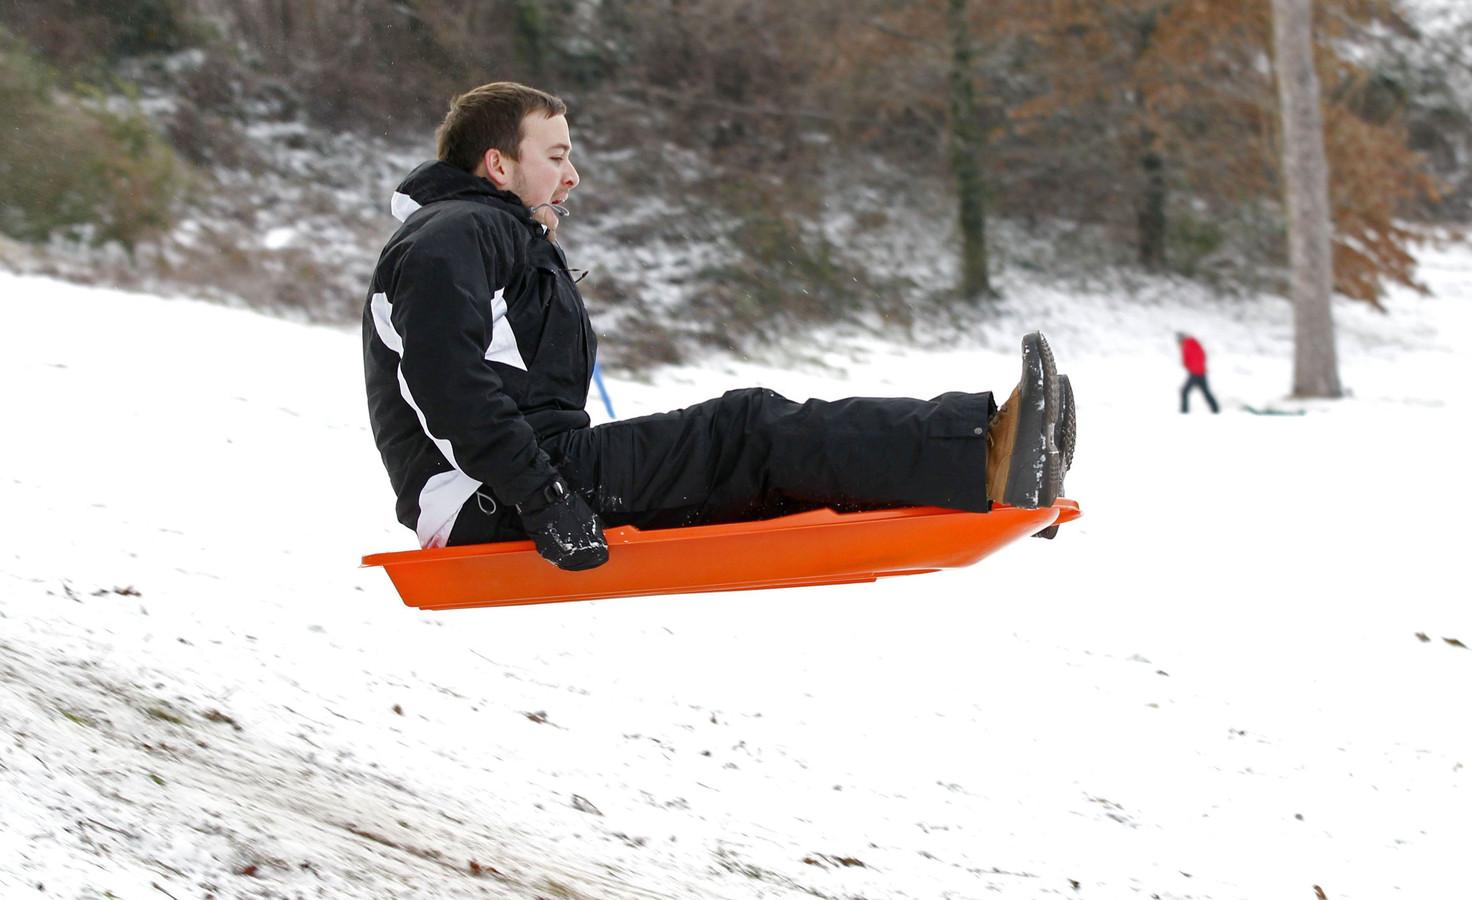 Vrijdag is er in het oosten kans op sneeuw. Dat betekent sleeën!